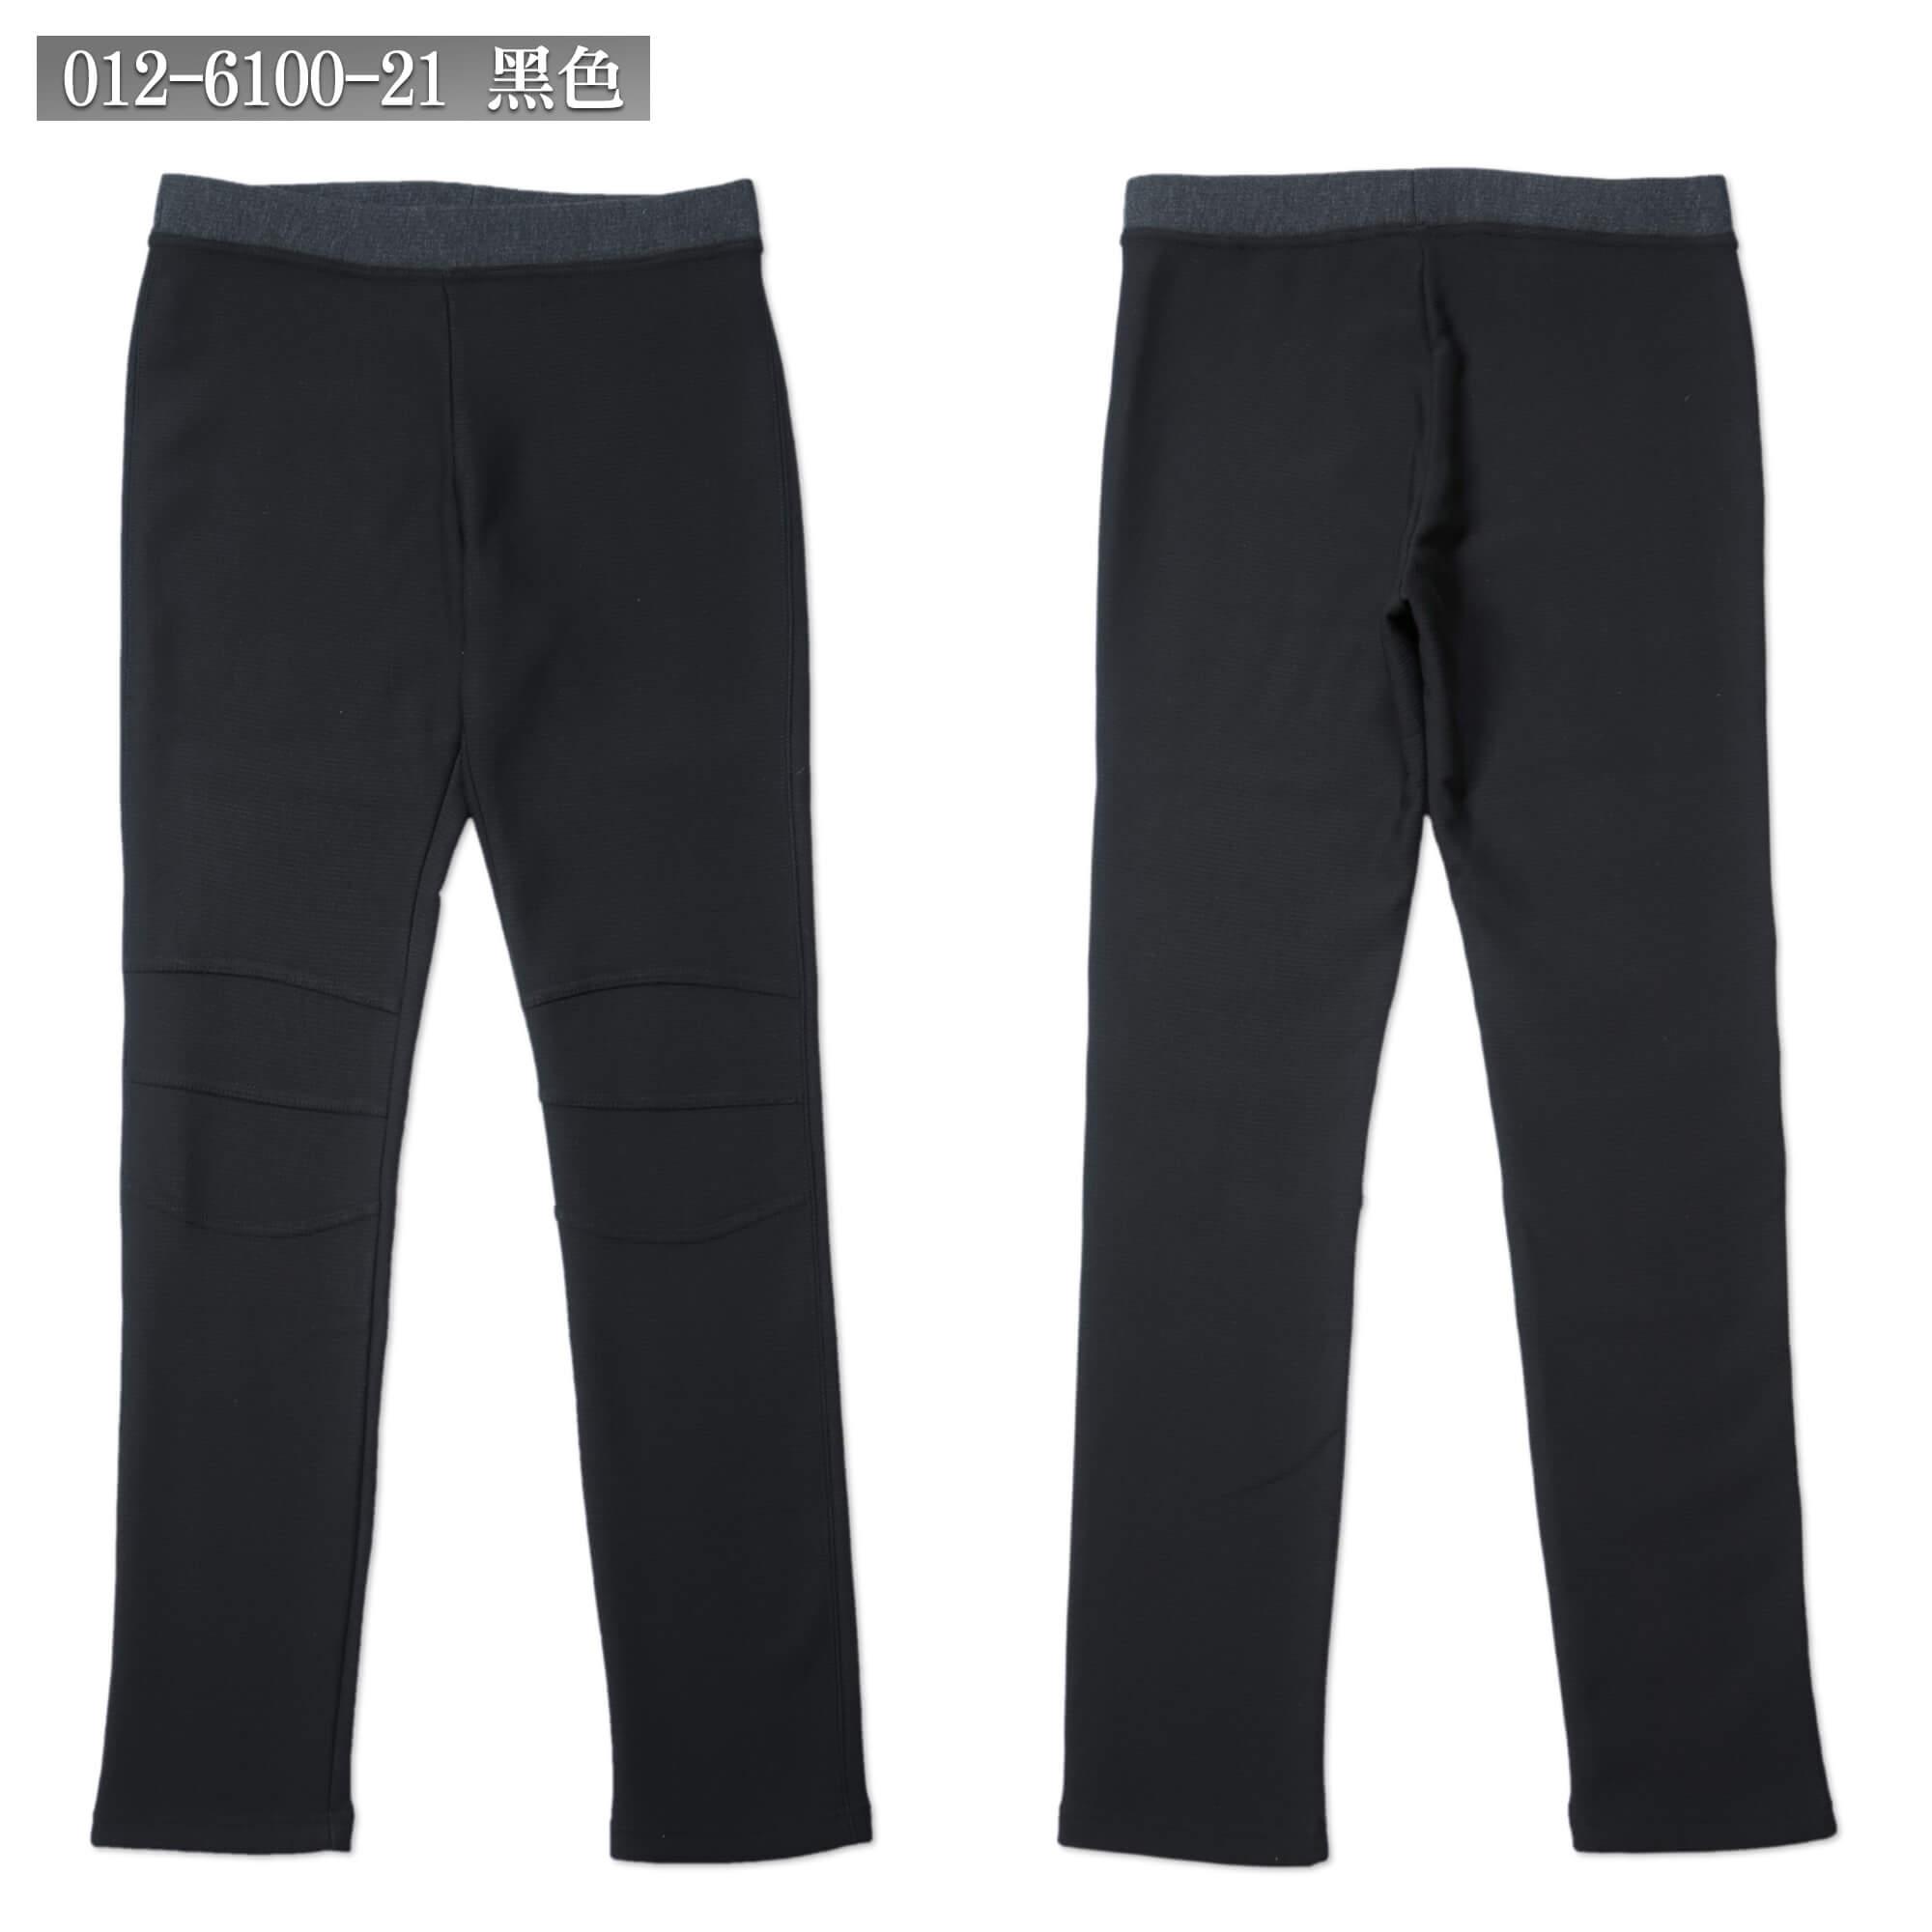 超保暖刷毛內搭褲 台灣製內搭褲 超彈力內搭褲 精絲保暖褲 修身顯瘦長褲 內裡刷毛 全腰圍配色寬版鬆緊帶 黑色長褲 MADE IN TAIWAN WARM PANTS FLEECE LINED LEGGINGS (012-6100-21)黑色、(012-6100-22)深灰色 腰圍M L XL(26~31英吋) 女 [實體店面保障] sun-e 1